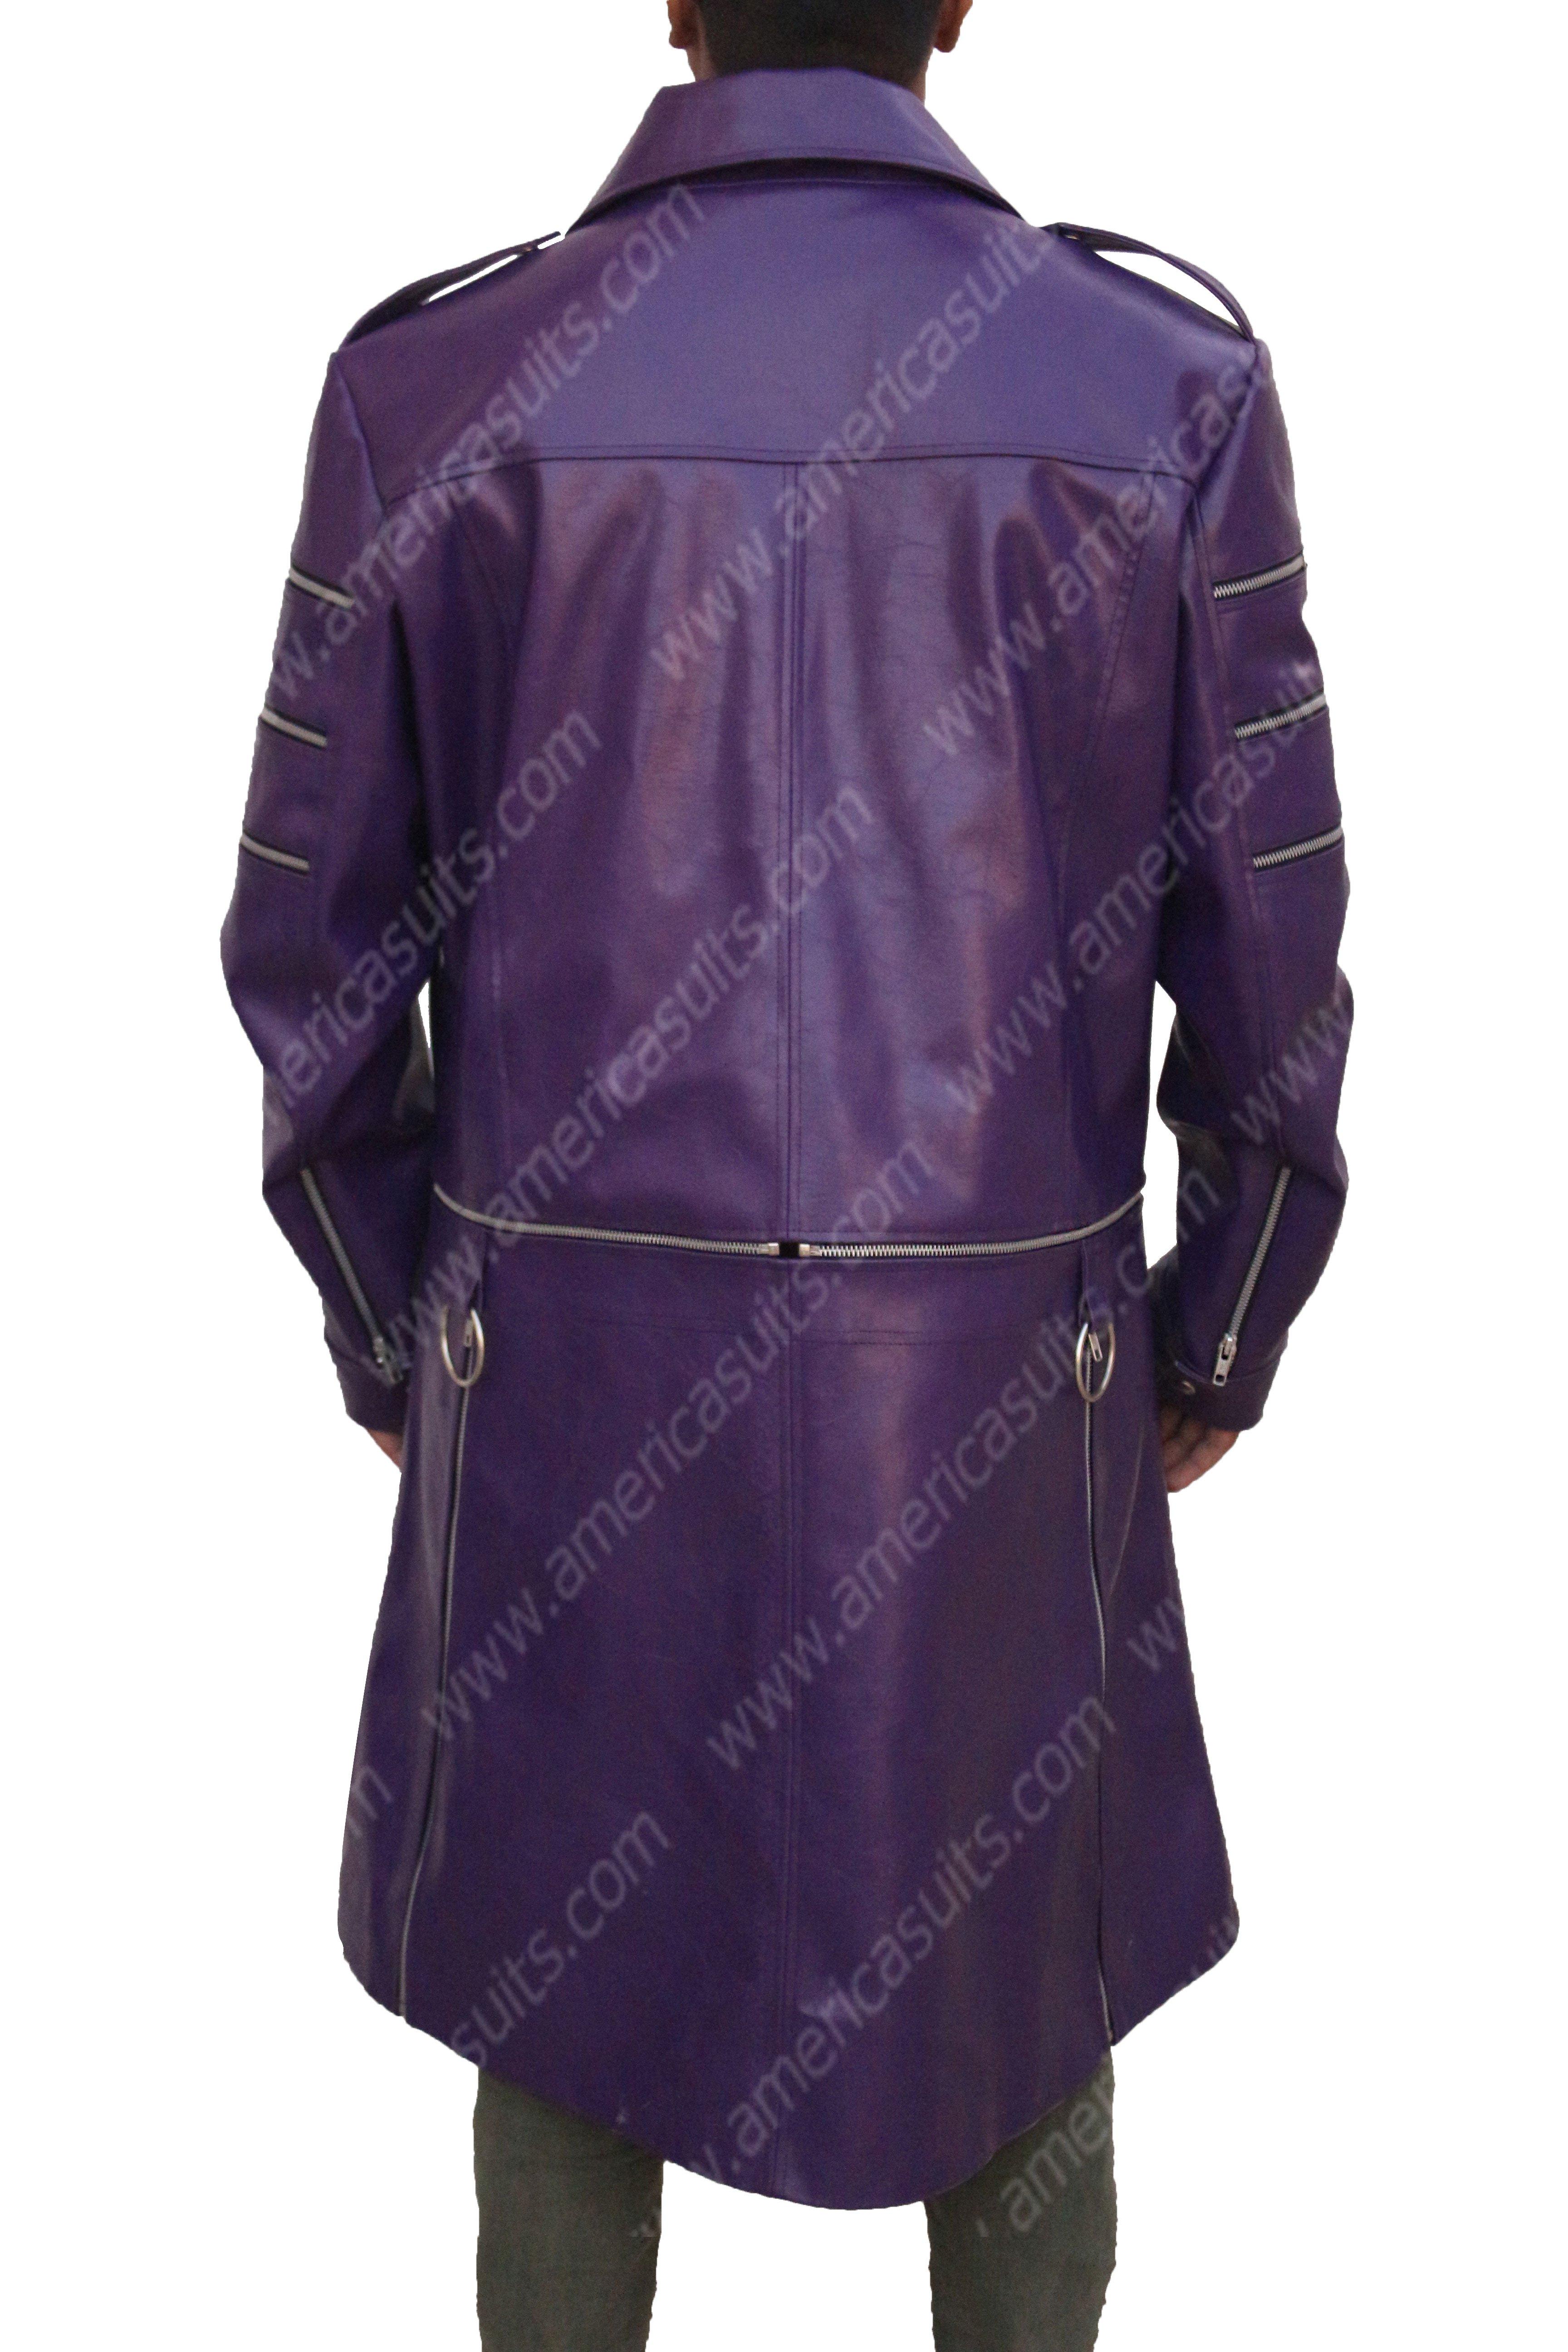 Adam Lambert Purple Coat